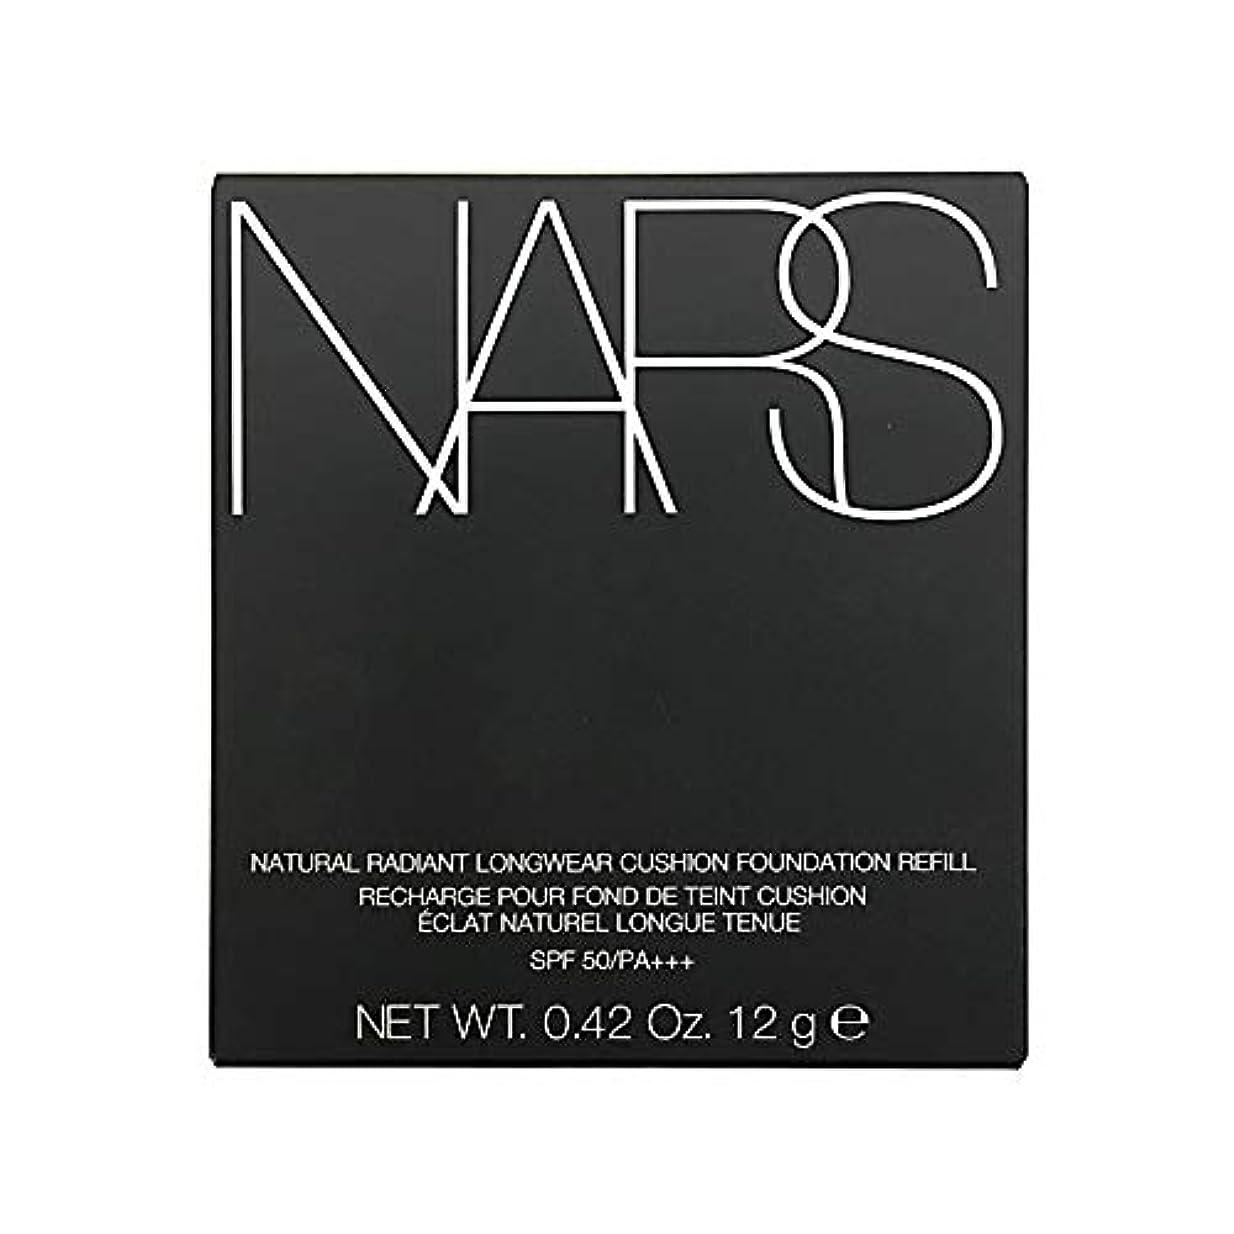 任命する発言するできないナーズ/NARS ナチュラルラディアント ロングウェア クッションファンデーション(レフィル)#5879 [ クッションファンデ ] [並行輸入品]